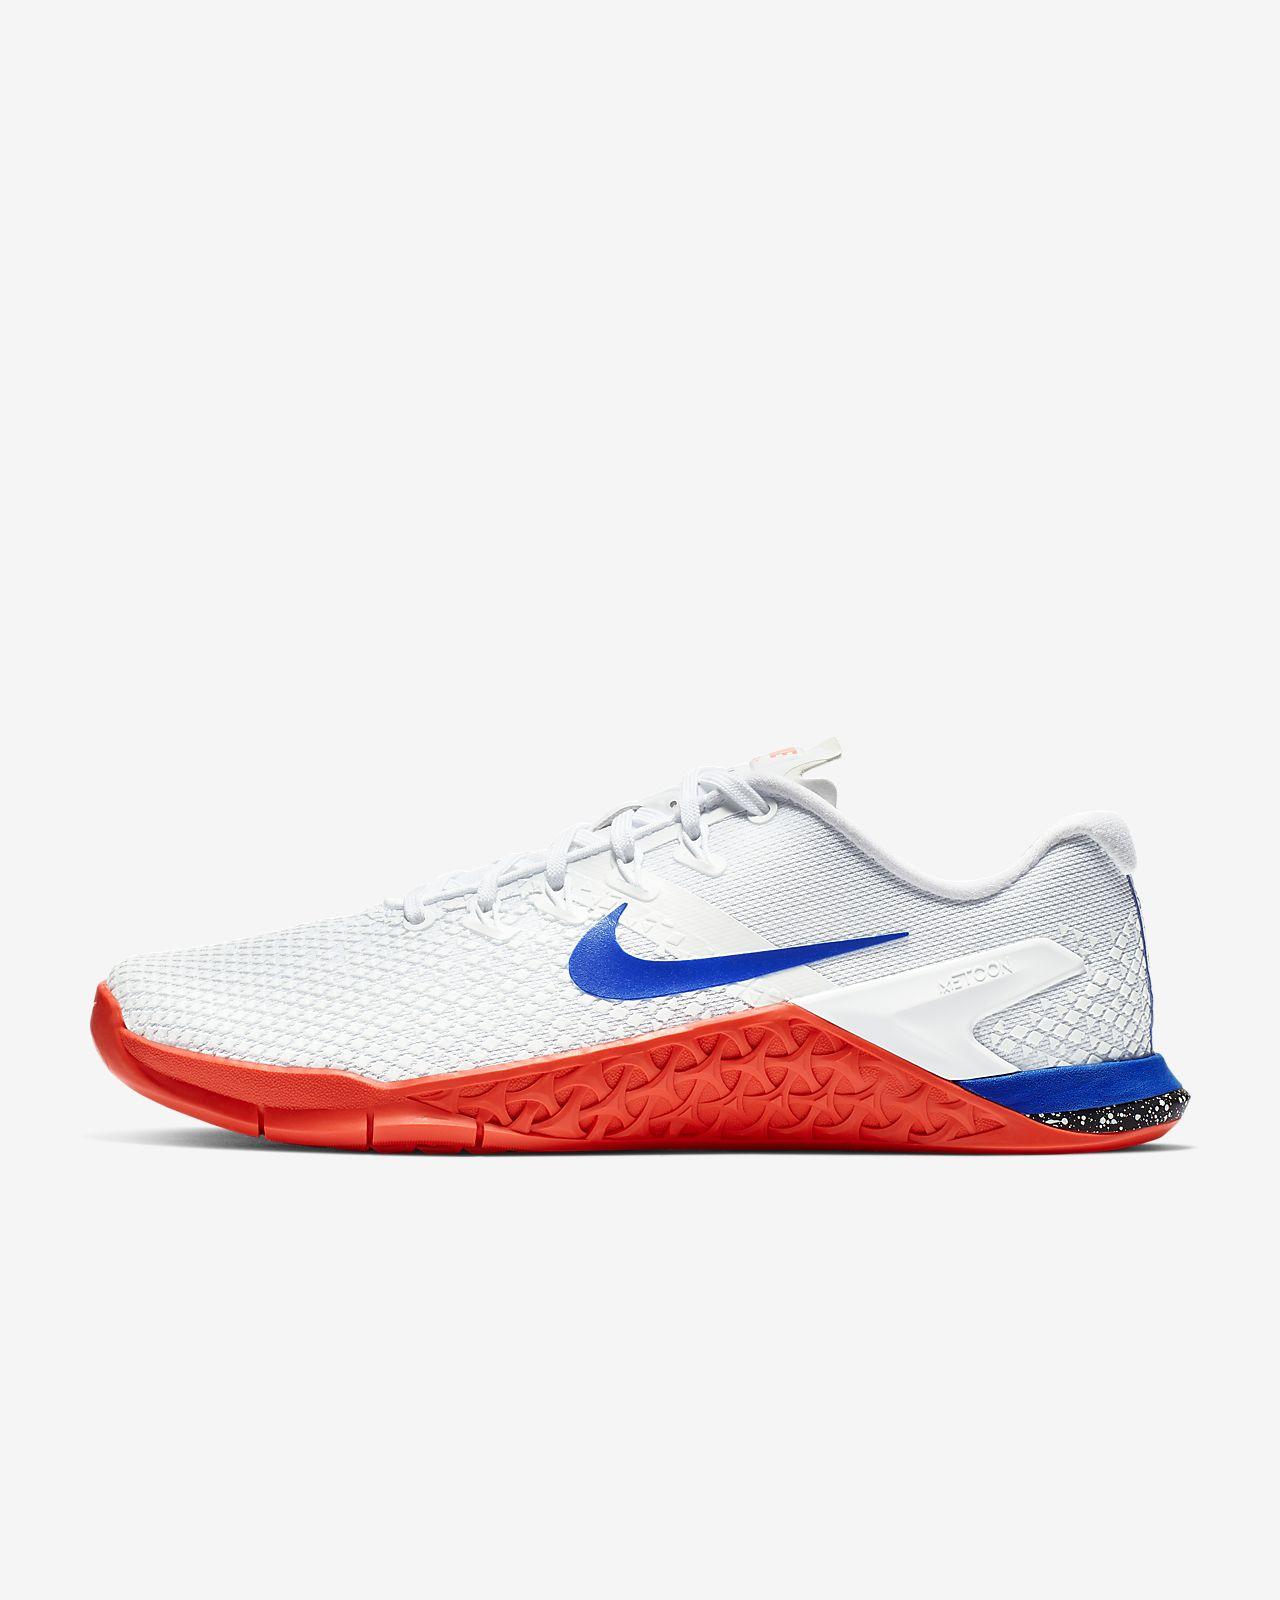 6ac21b6a167 Nike Metcon 4 XD Women s Cross-Training Weightlifting Shoe. Nike.com NO